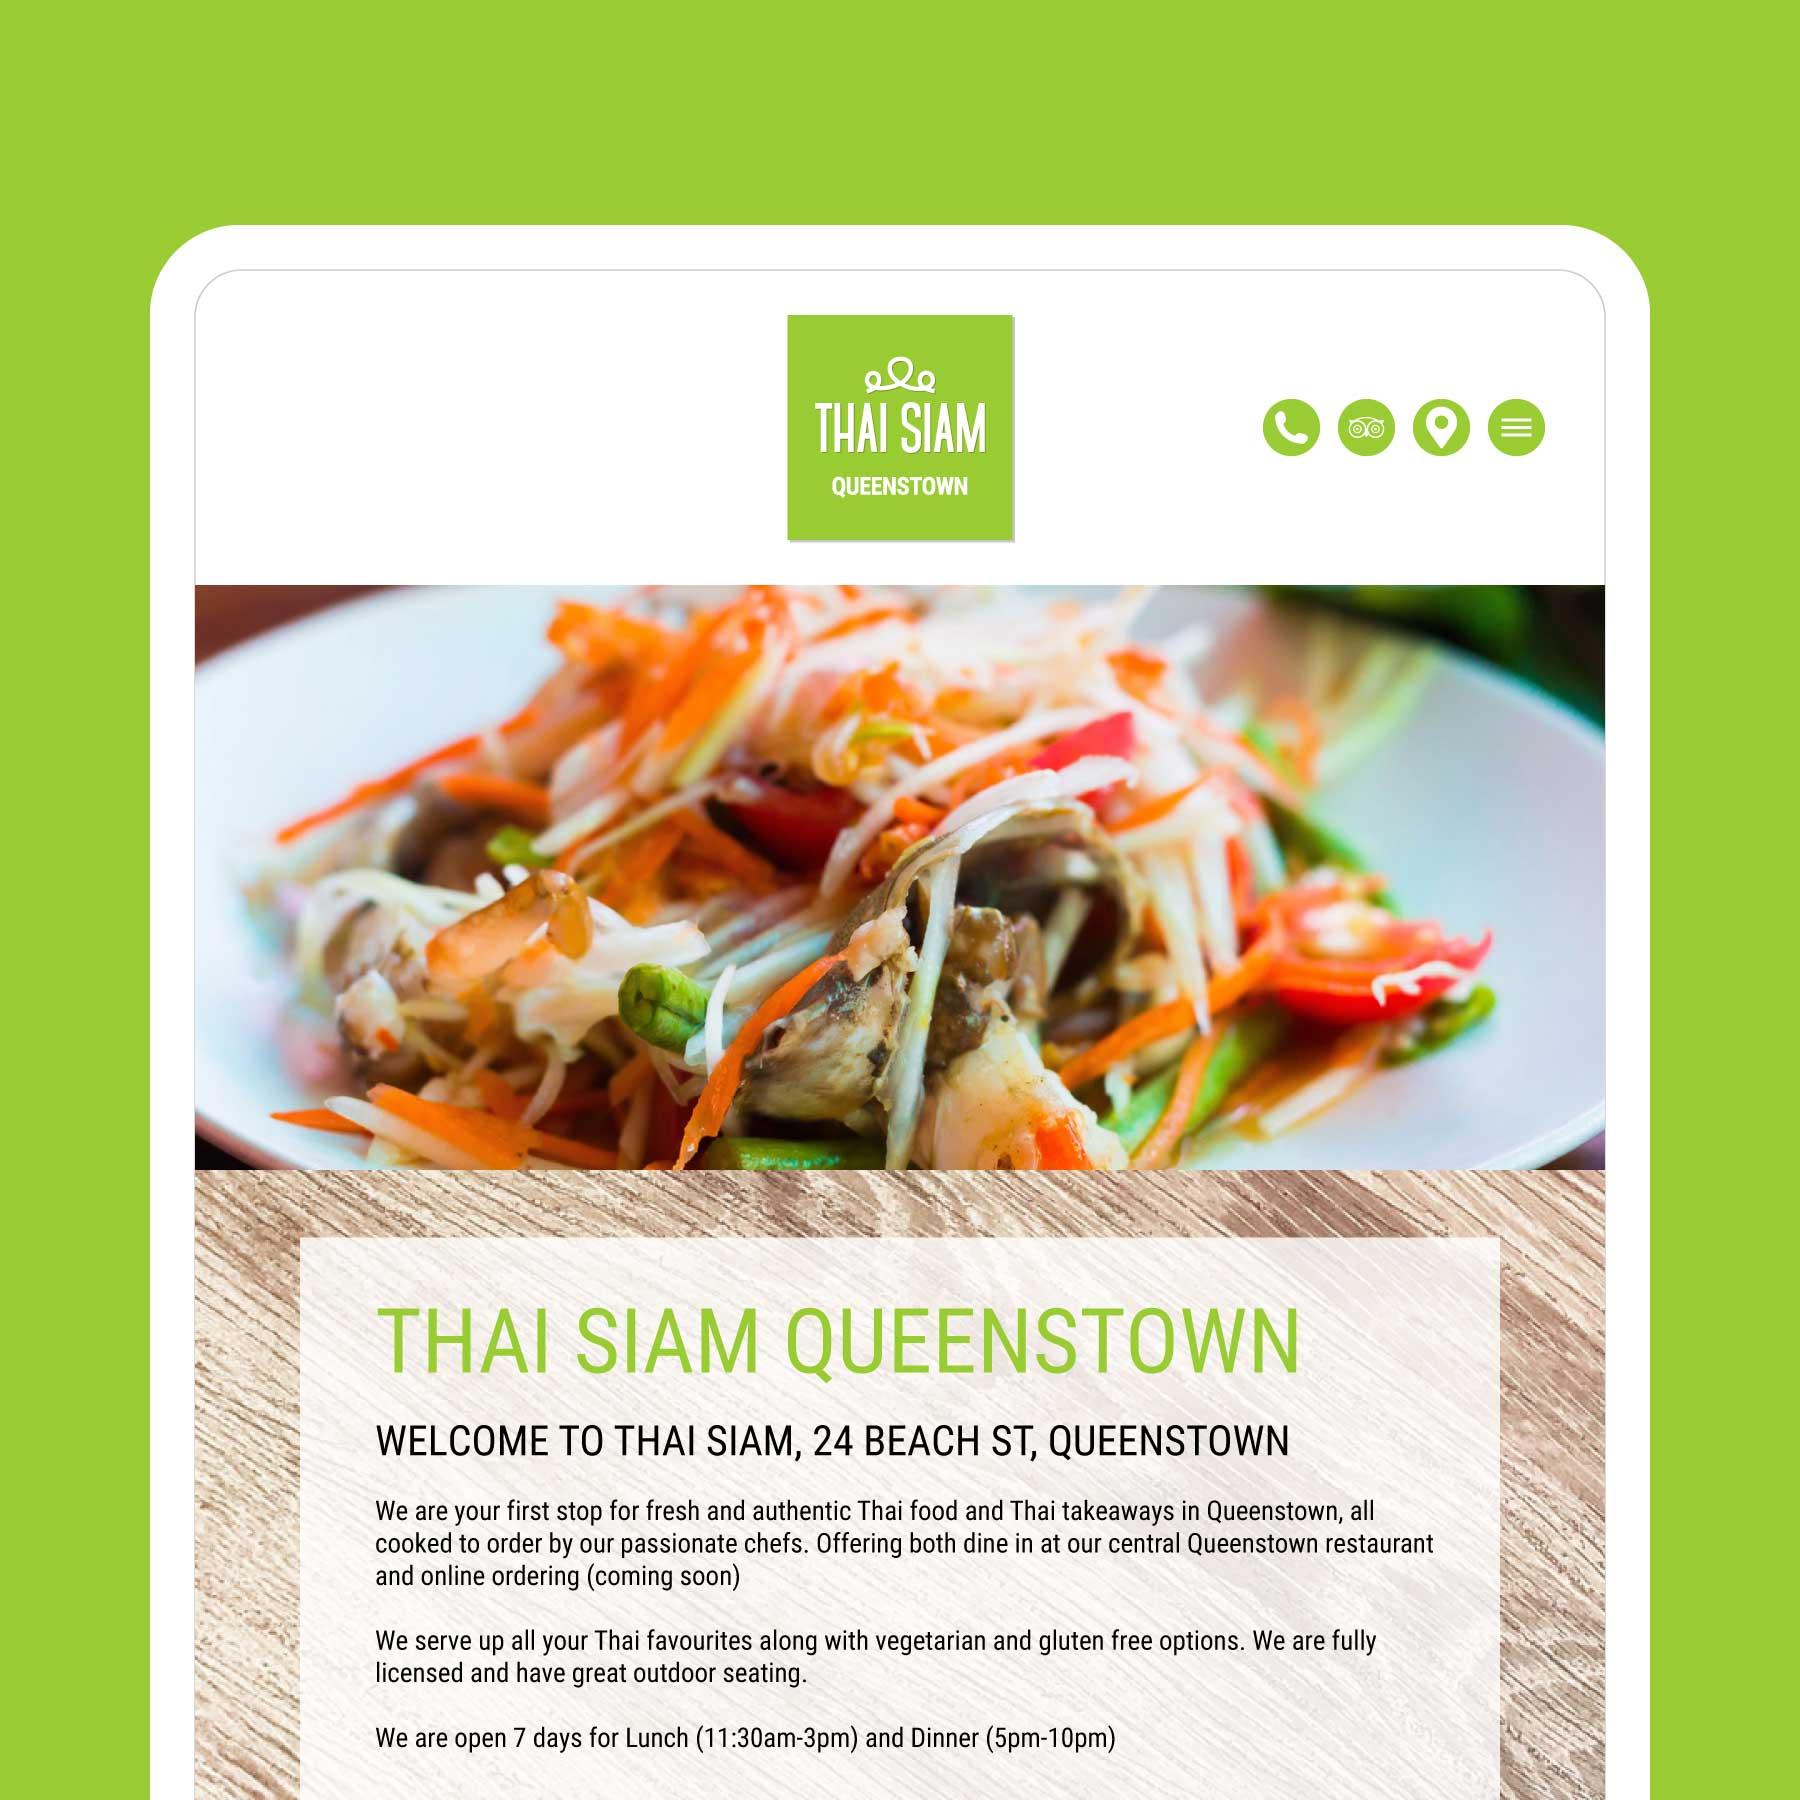 Thai Siam Website